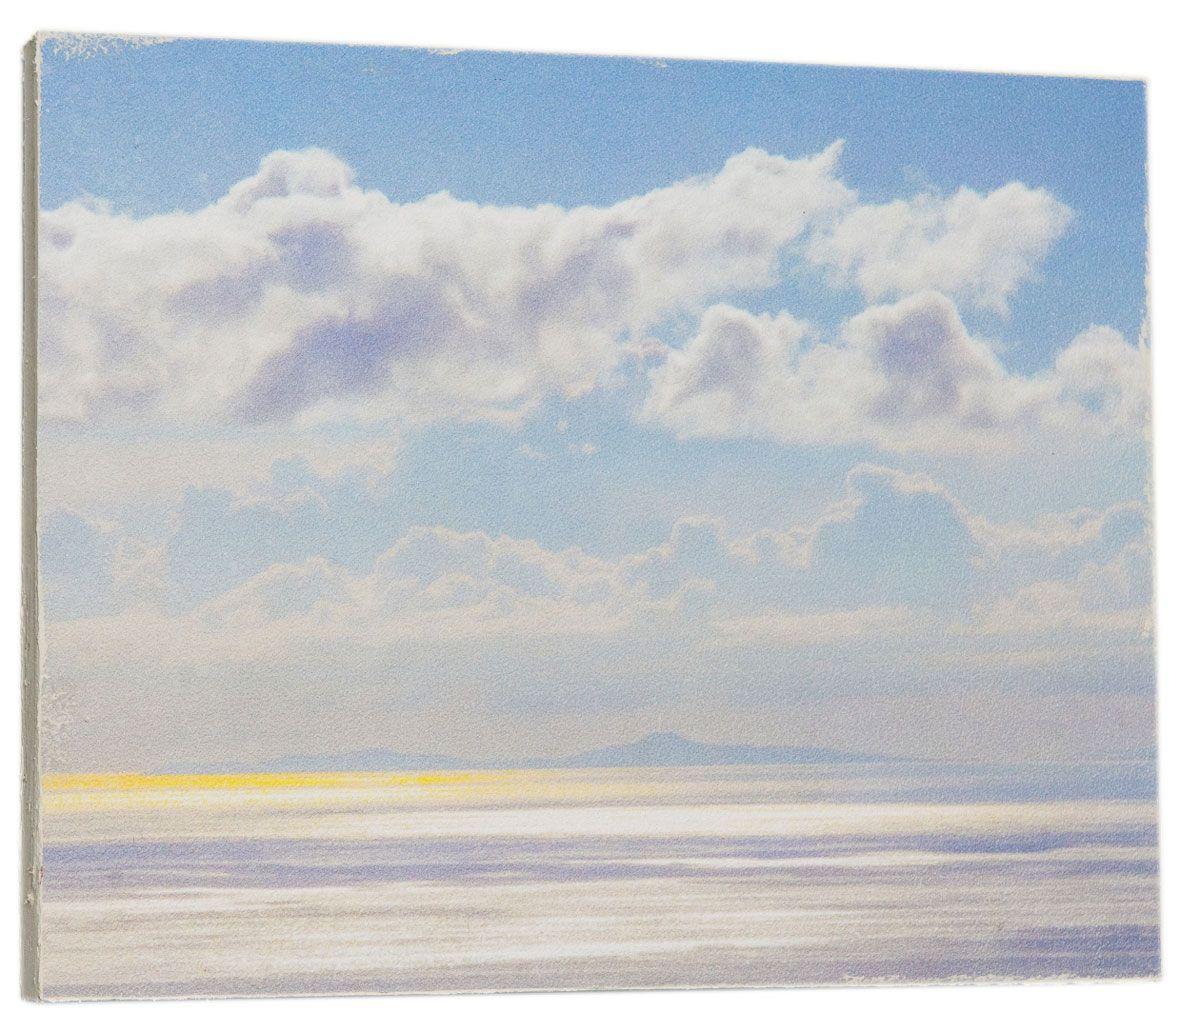 Картина Mister Poster Красивое небо, 32 х 24 см0307-24-32Картина Mister Poster - это высококачественная репродукция на деревянной раме. Лицевая поверхность имитирует штукатурку или натуральный холст, края окрашены вручную специальным декоративным составом. Современные технологии, уникальное оборудование и оригинальные чернила, используемые при изготовлении, делают постер устойчивым к выцветанию, а также гарантируют стойкость к воздействию негативных внешних факторов. Интерьер дома и офиса, в котором находится человек, в значительной степени влияет на его настроение и работоспособность. Правильное оформление интерьера создает благоприятный психологический климат, улучшает настроение и мотивирует. Добавьте «красок» в ваш интерьер и, возможно, в вашу жизнь.